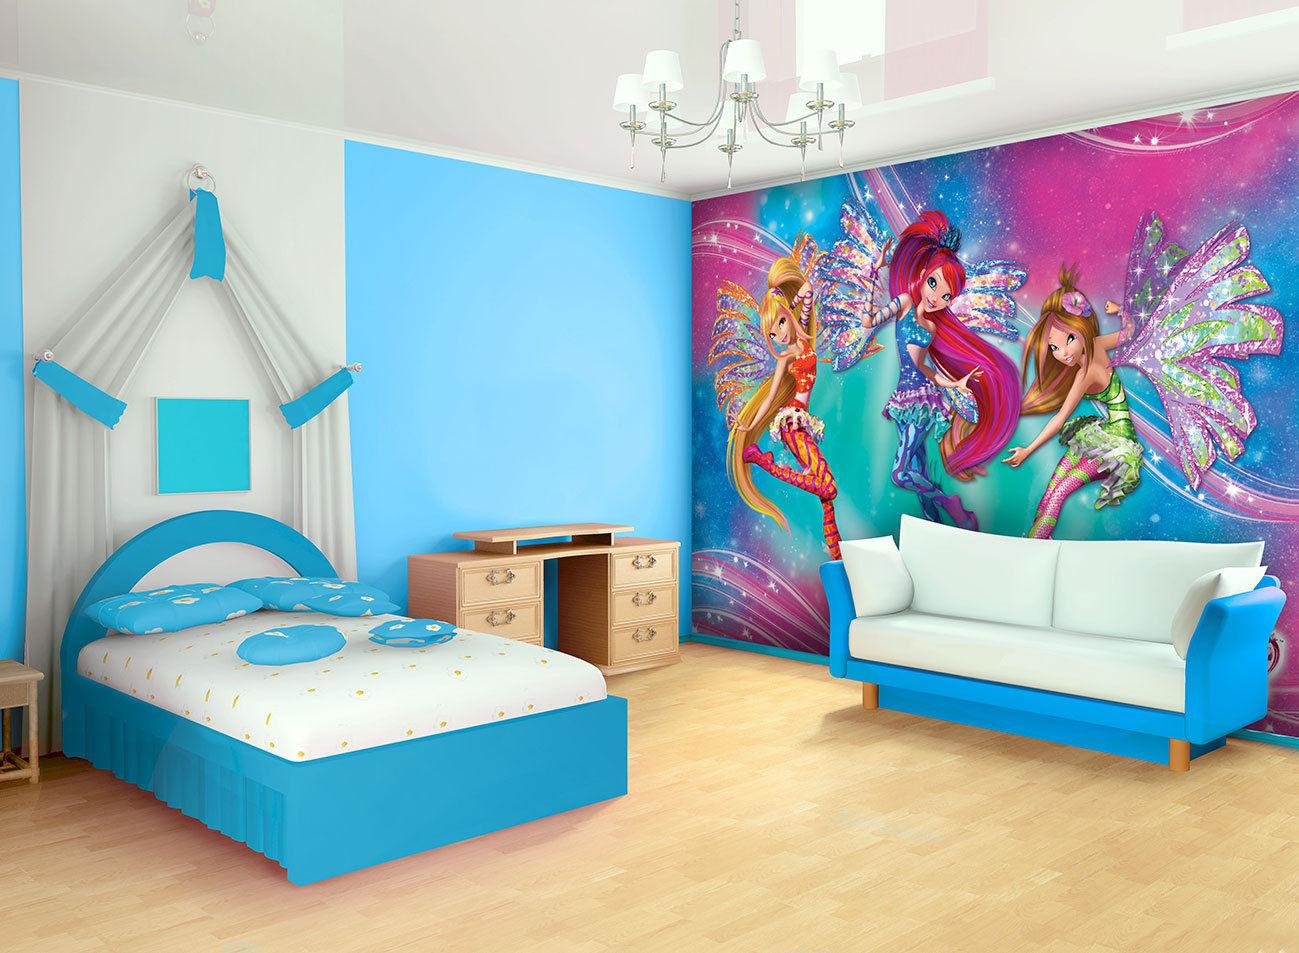 Nuevo papel para la pared winx club trendy y sirenix - Papel decorativo para pared ...